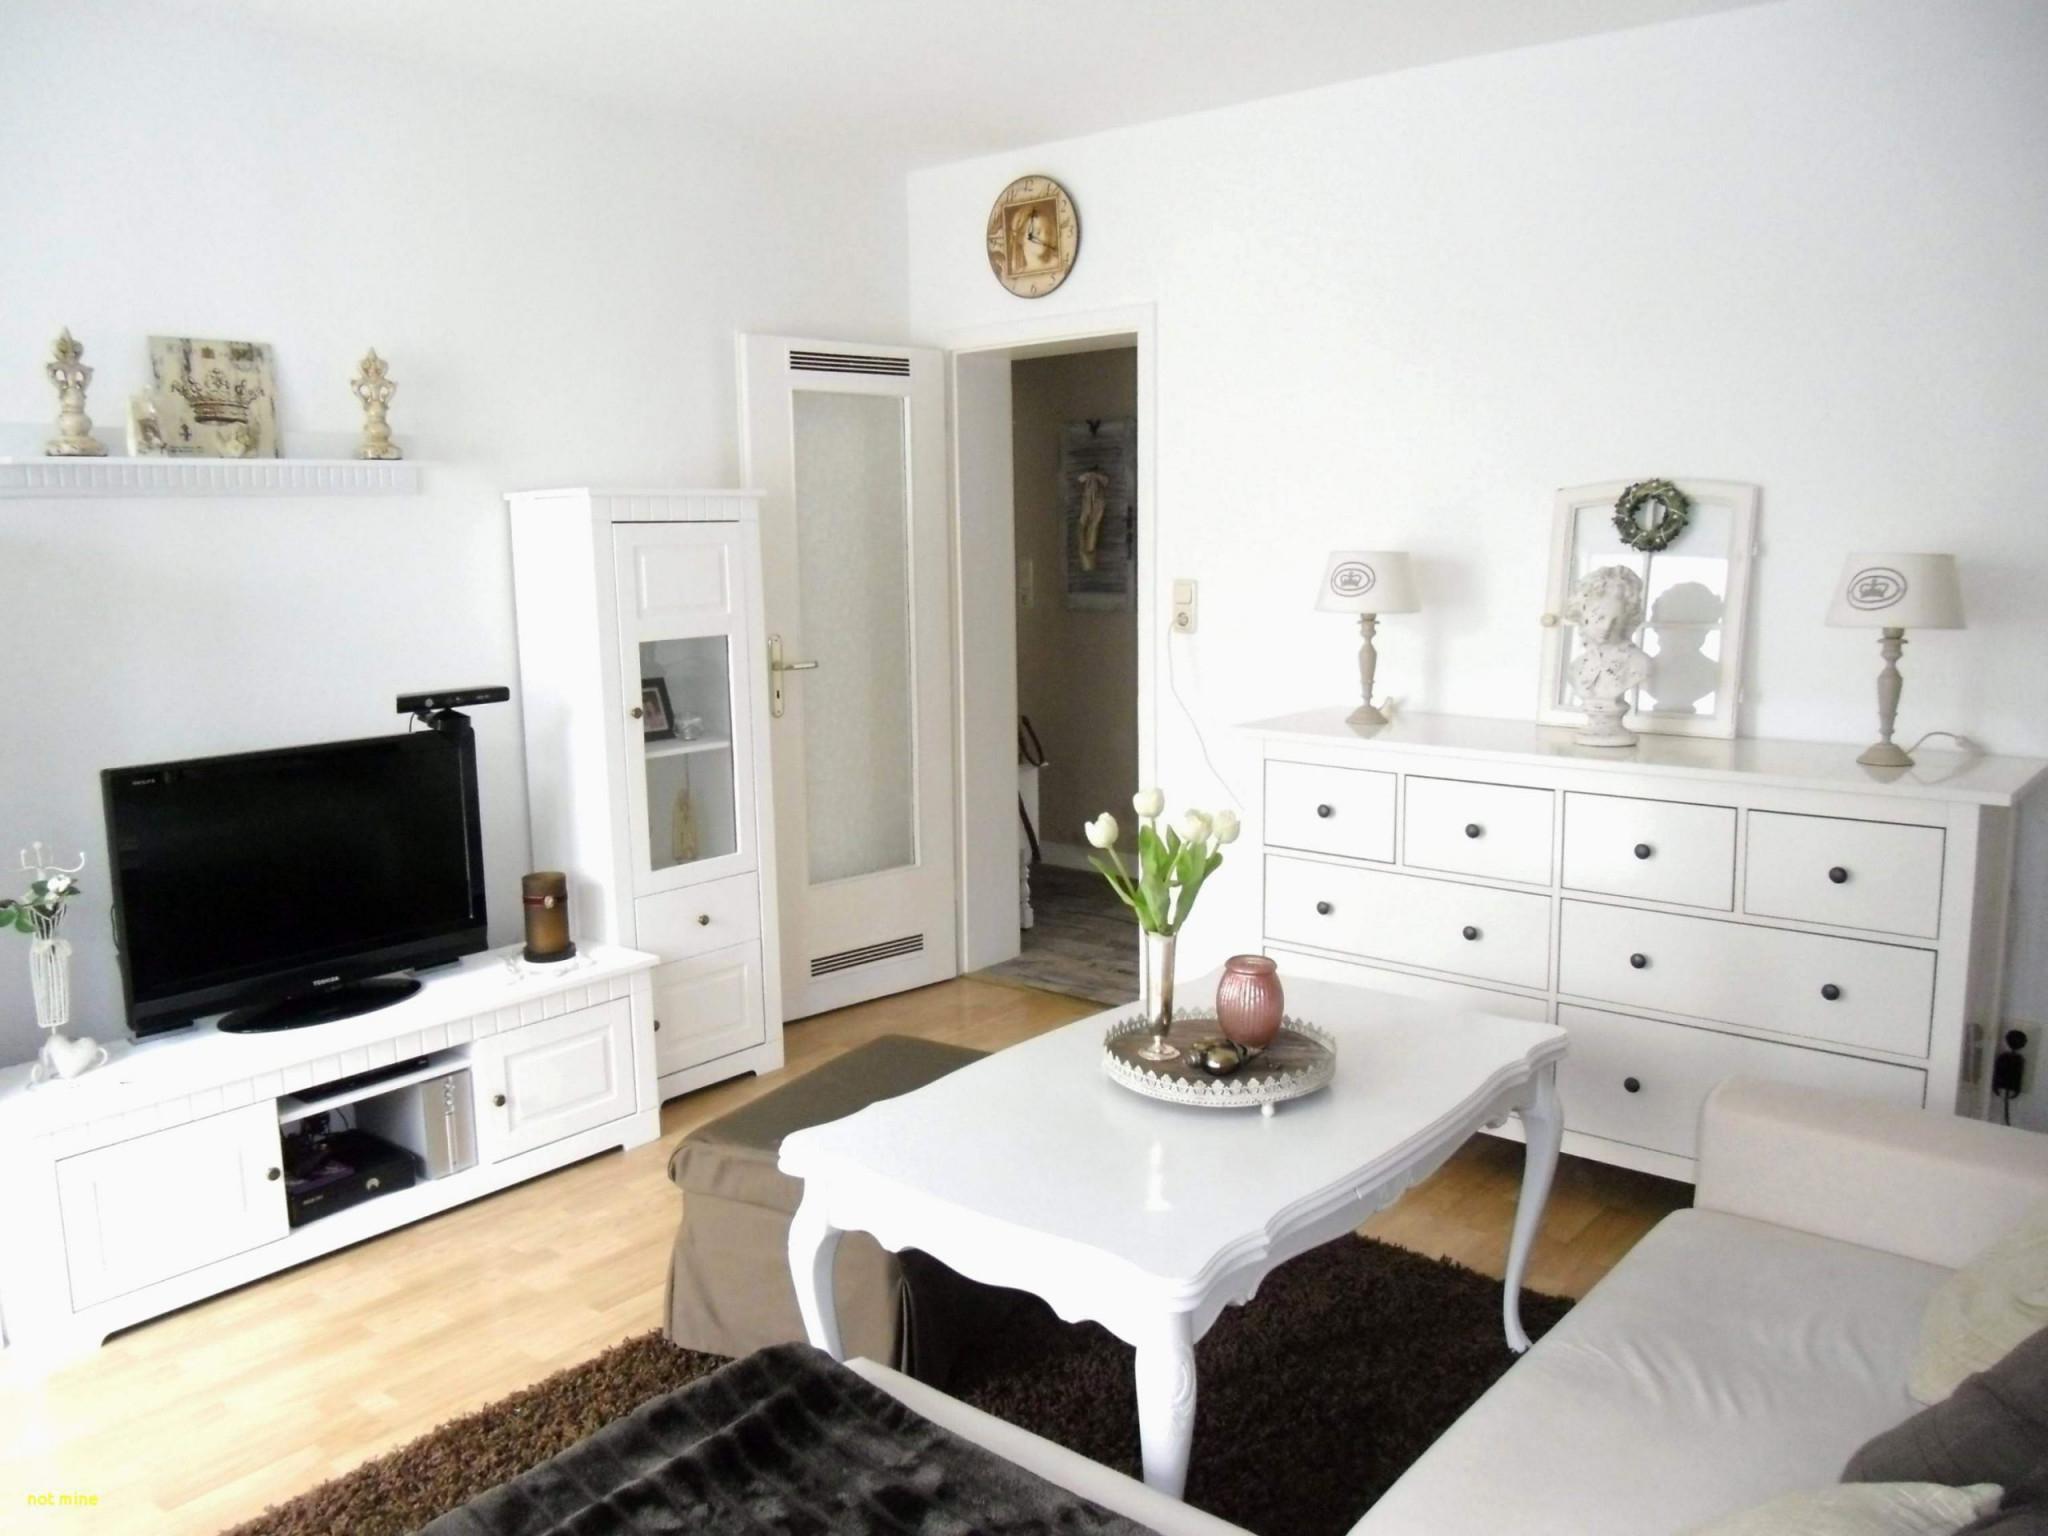 Wohnzimmer Design Ideen Einzigartig 29 Elegant Deko Bilder von Wohnzimmer Dekorieren Ideen Photo